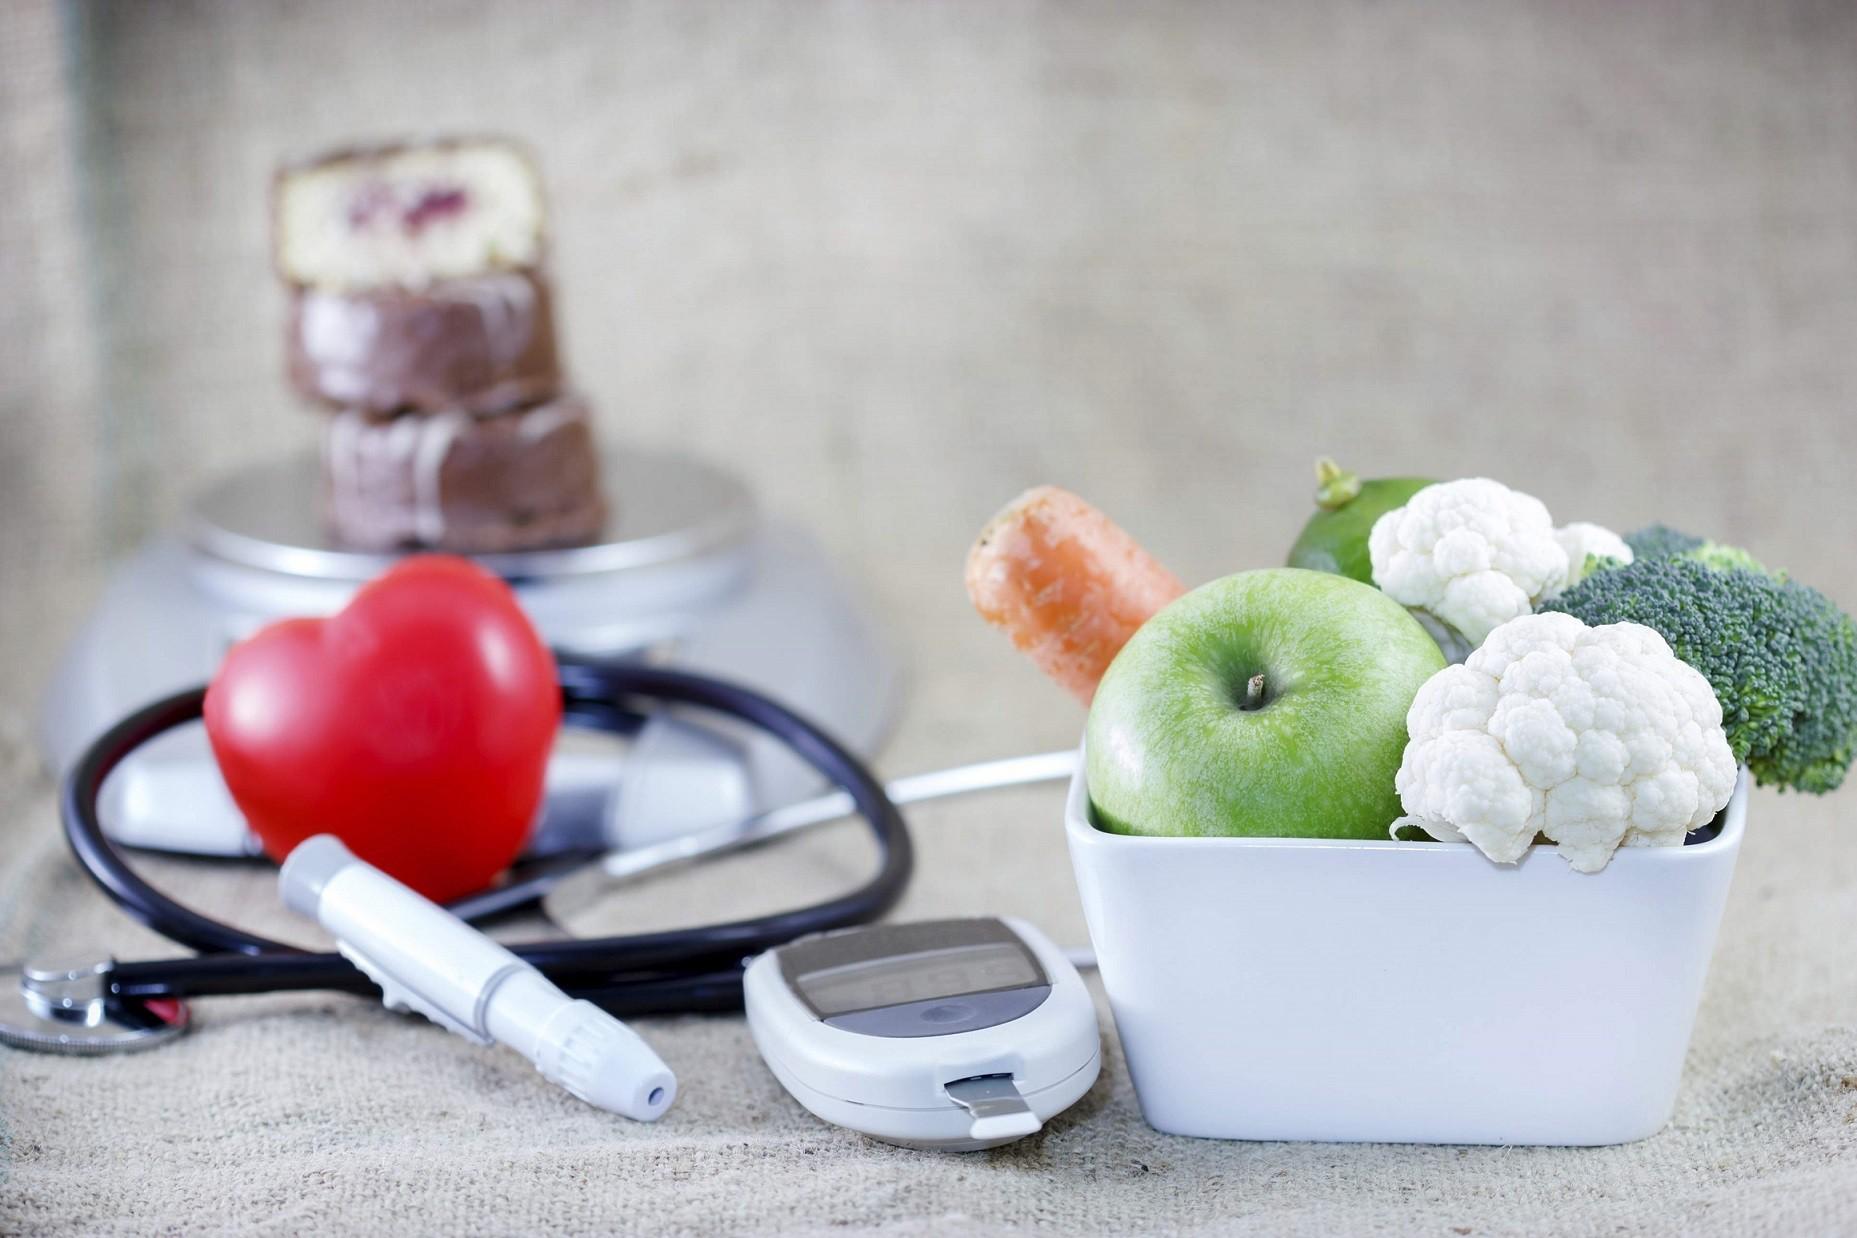 رژیم غذایی مناسب برای بیماران دیابتی